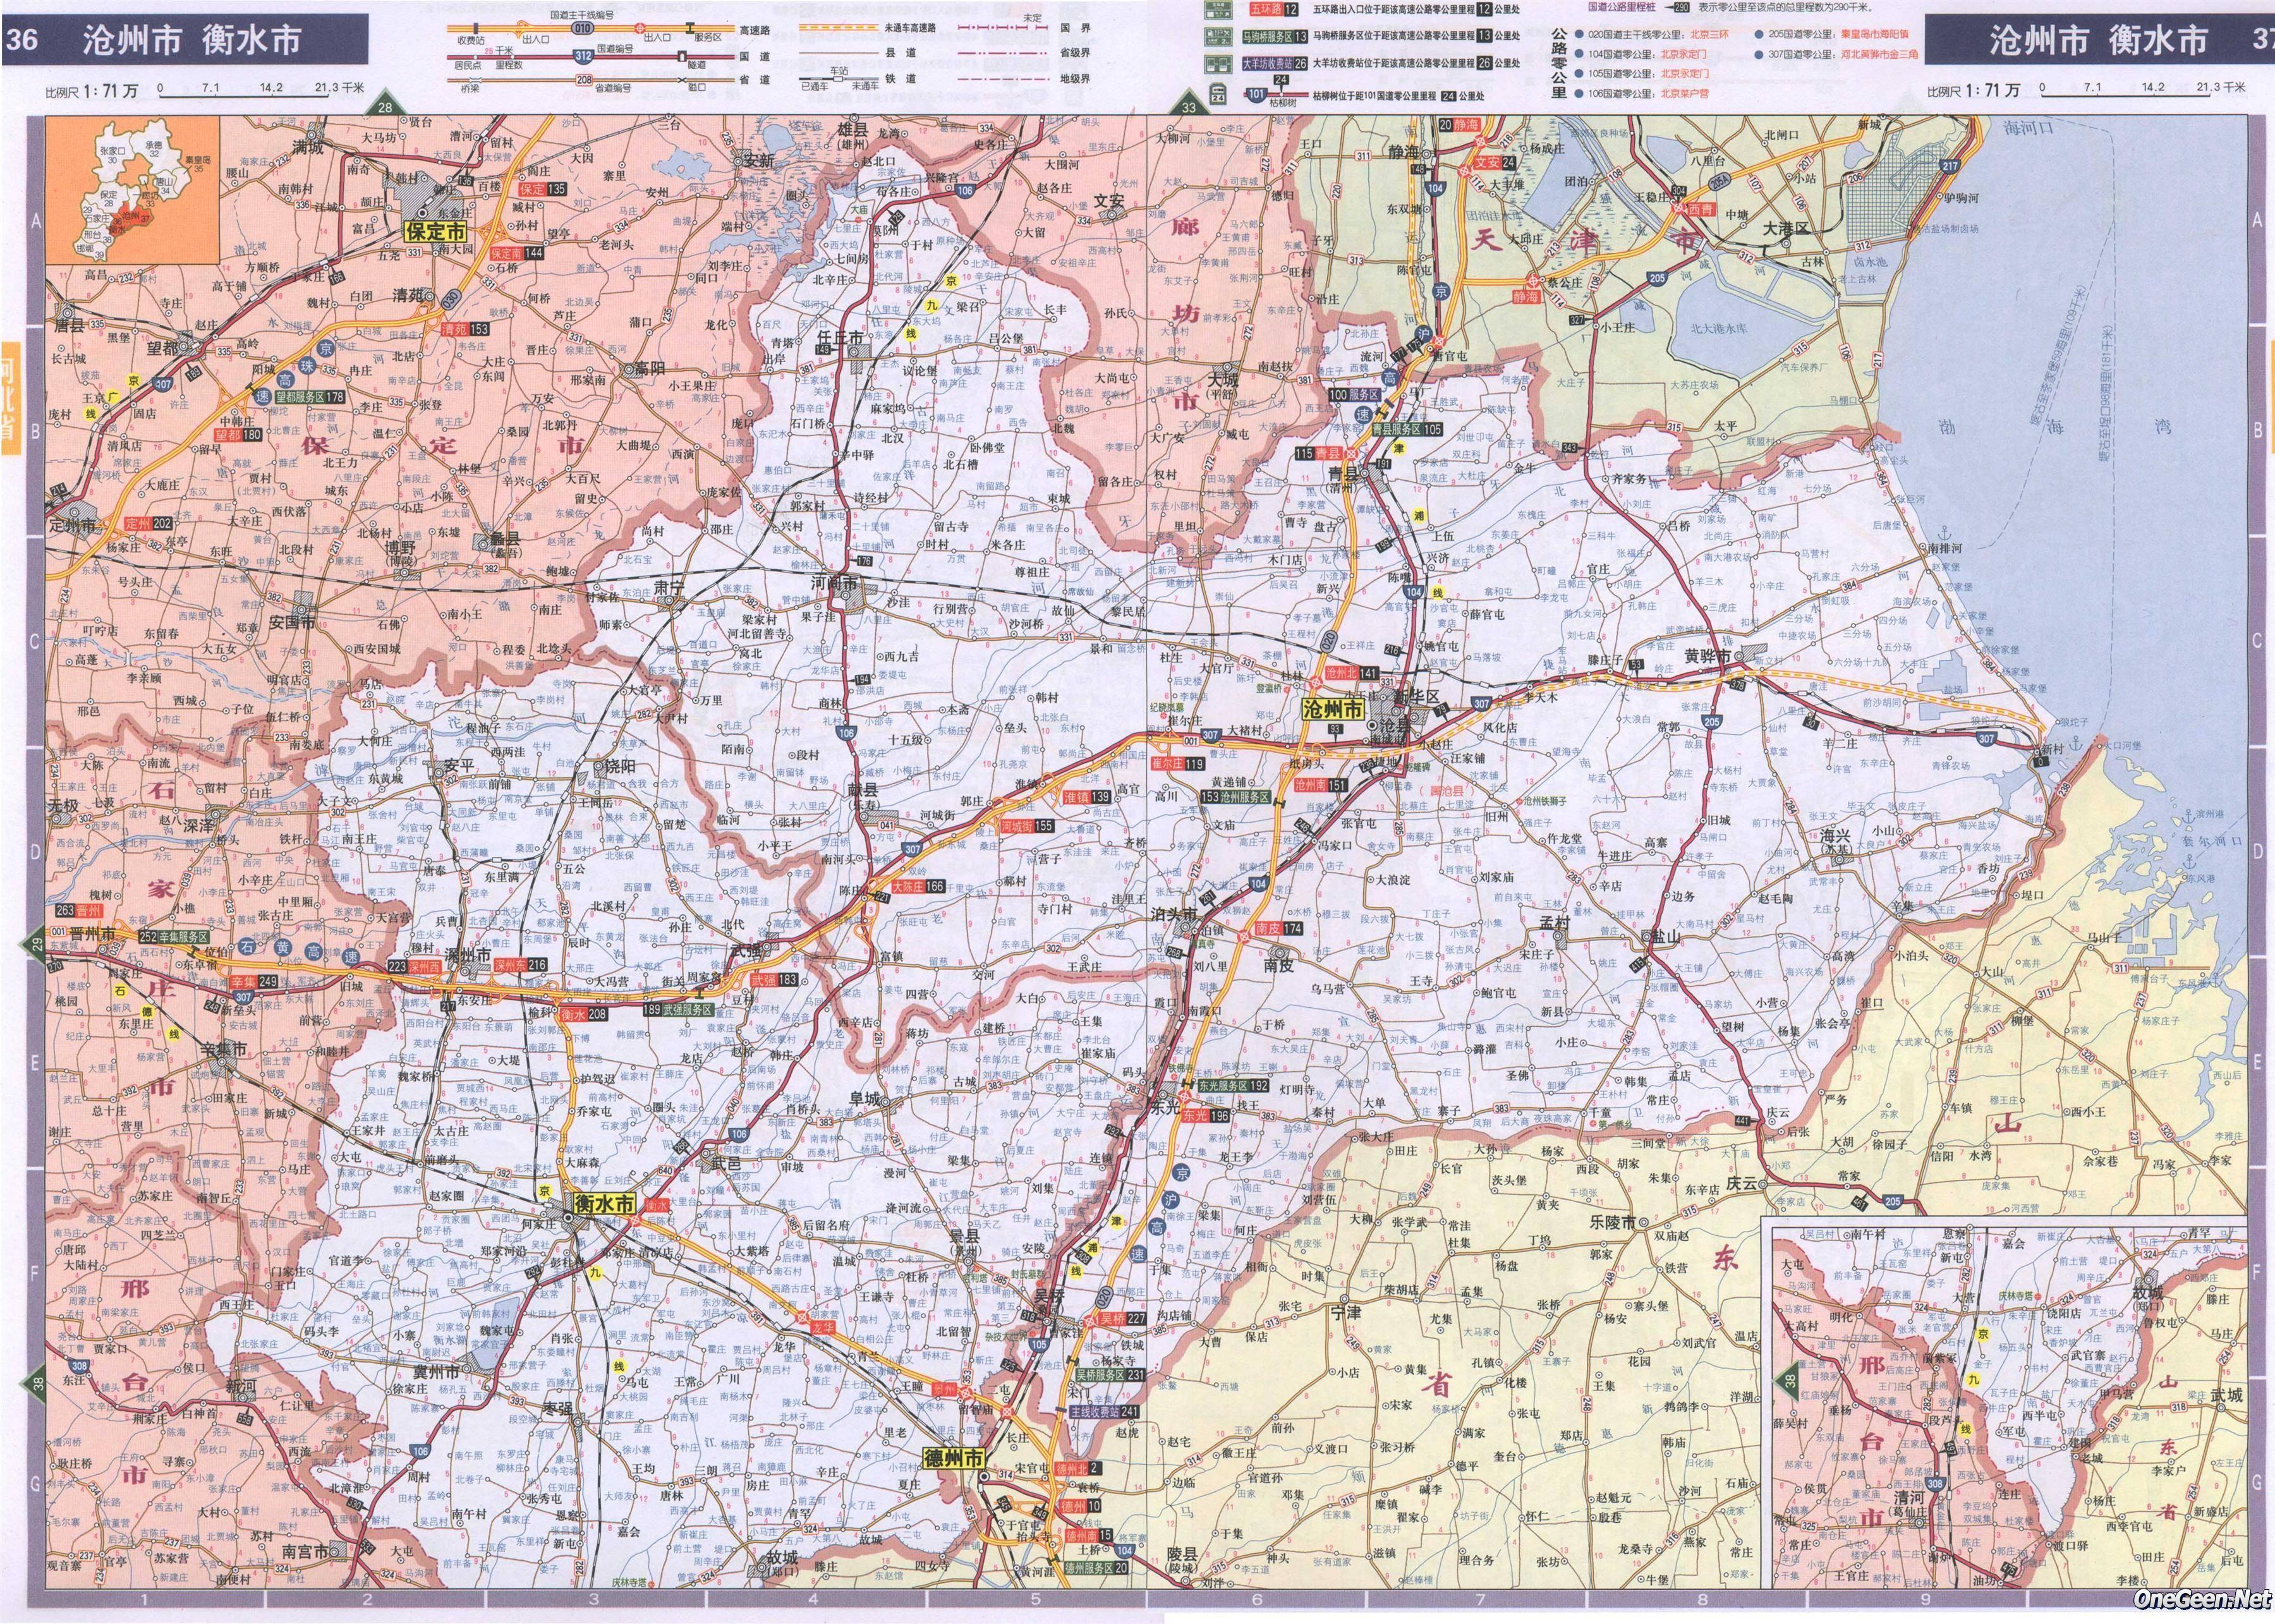 河北省沧州市衡水市公路交通地图